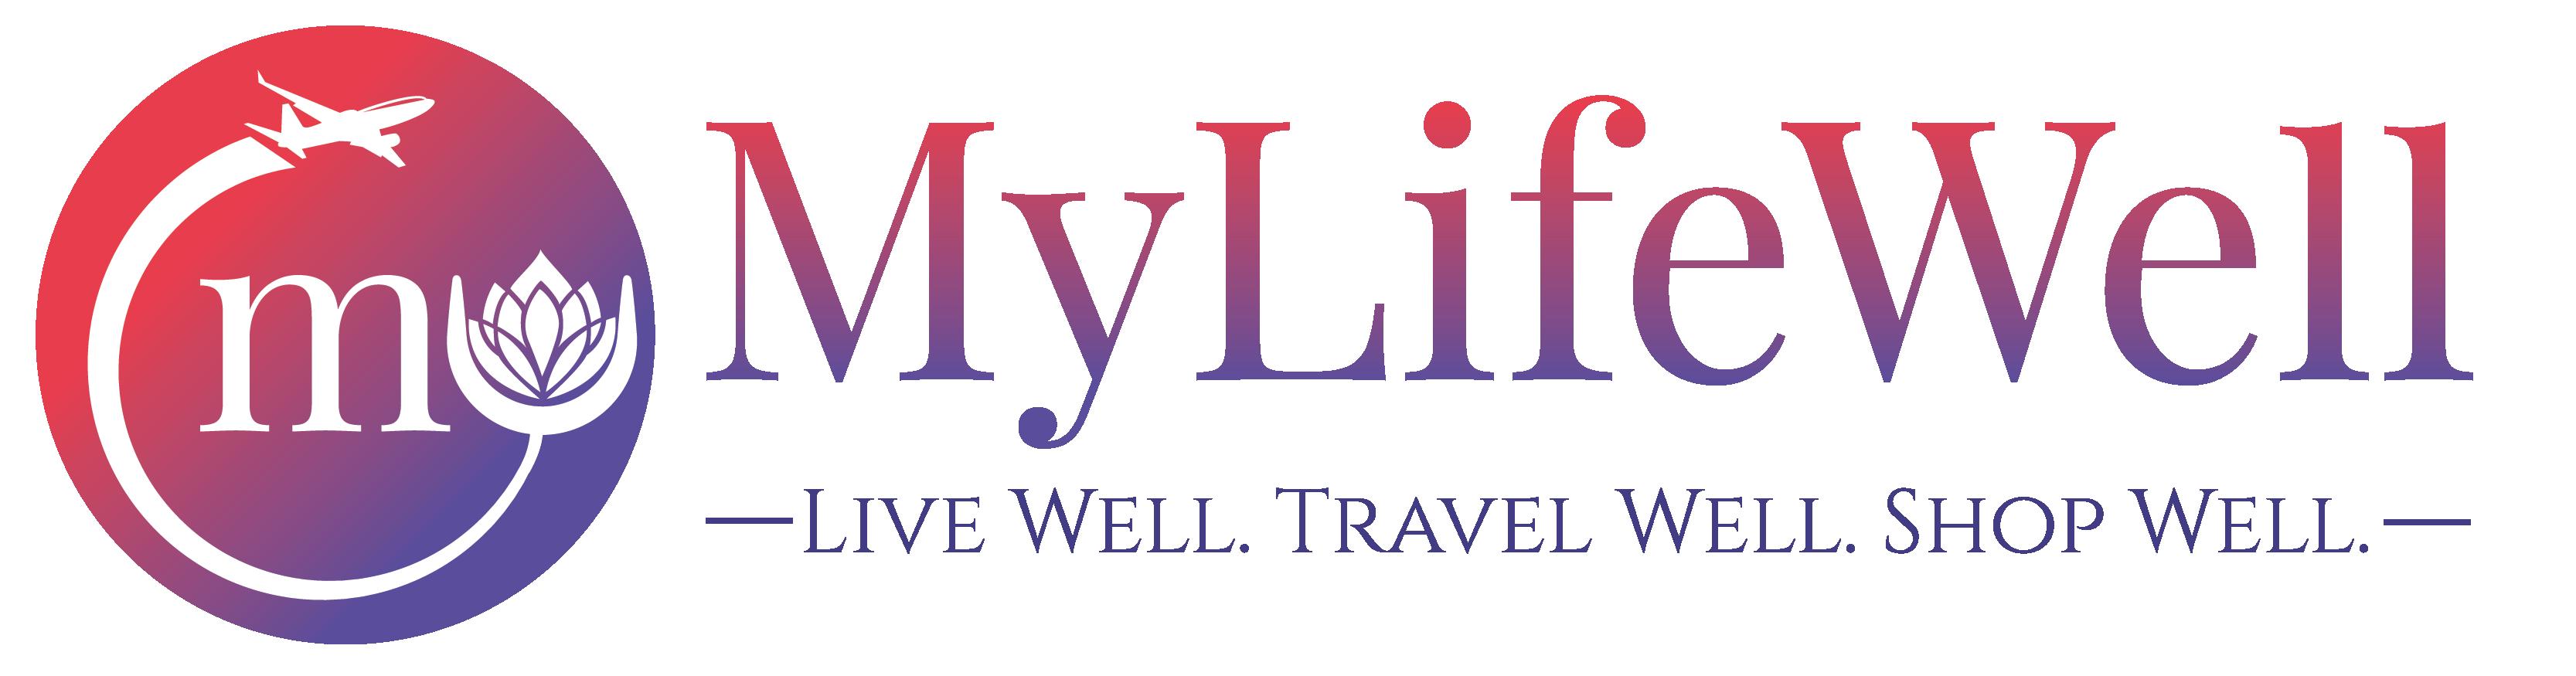 mylifewell